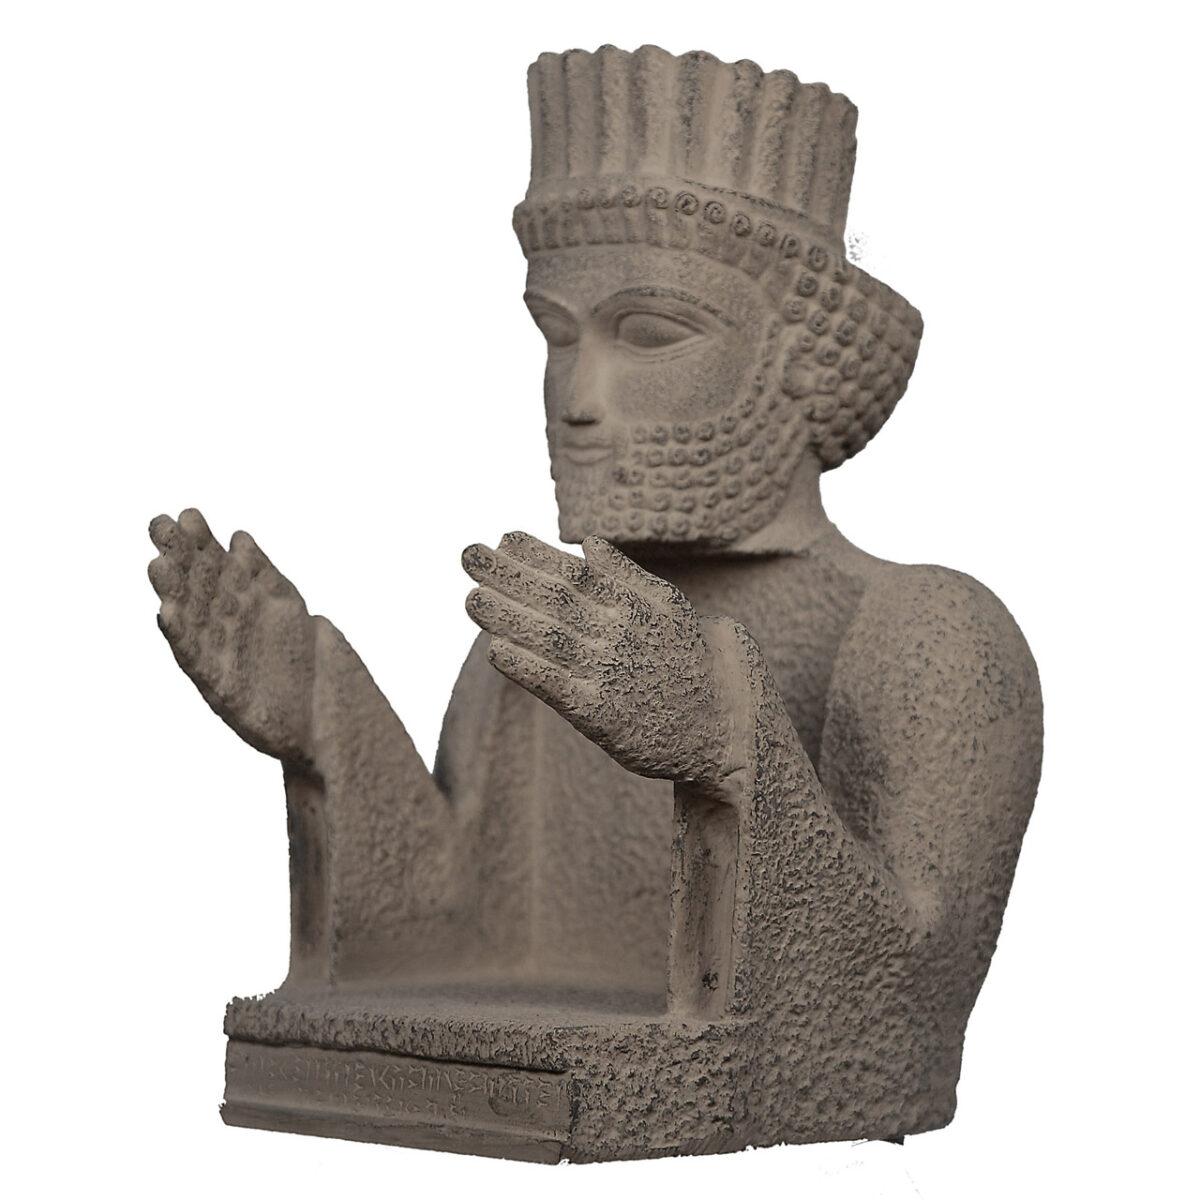 مجسمه تندیس و پیکره شهریار مدل جای لوح فشرده سرباز پارسی کد MO1870